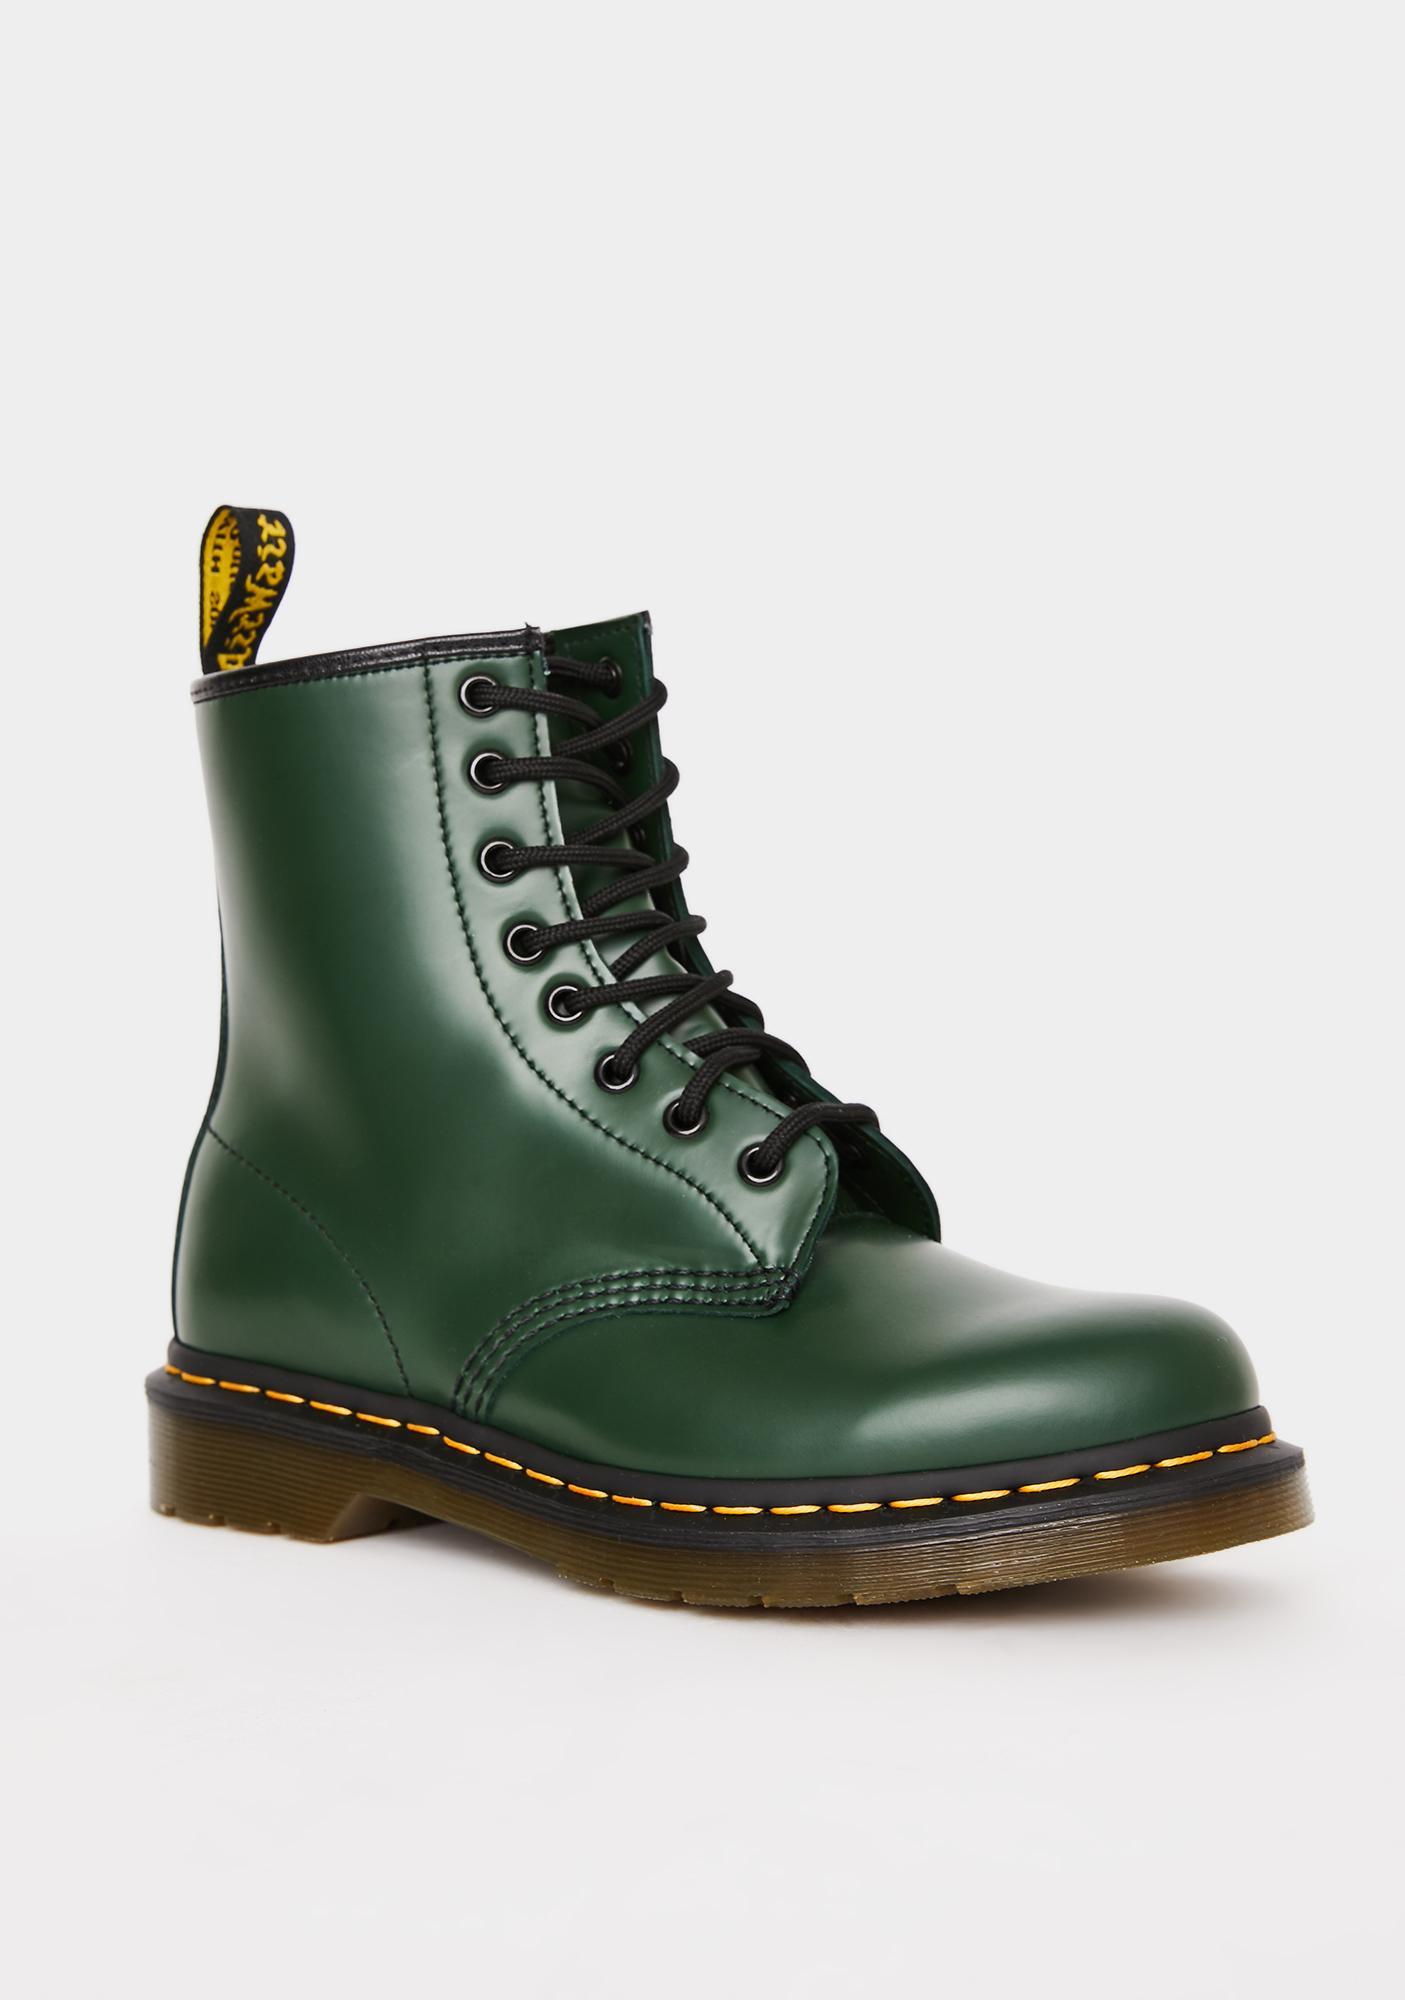 Dr. Martens Green 1460 8 Eye Boots